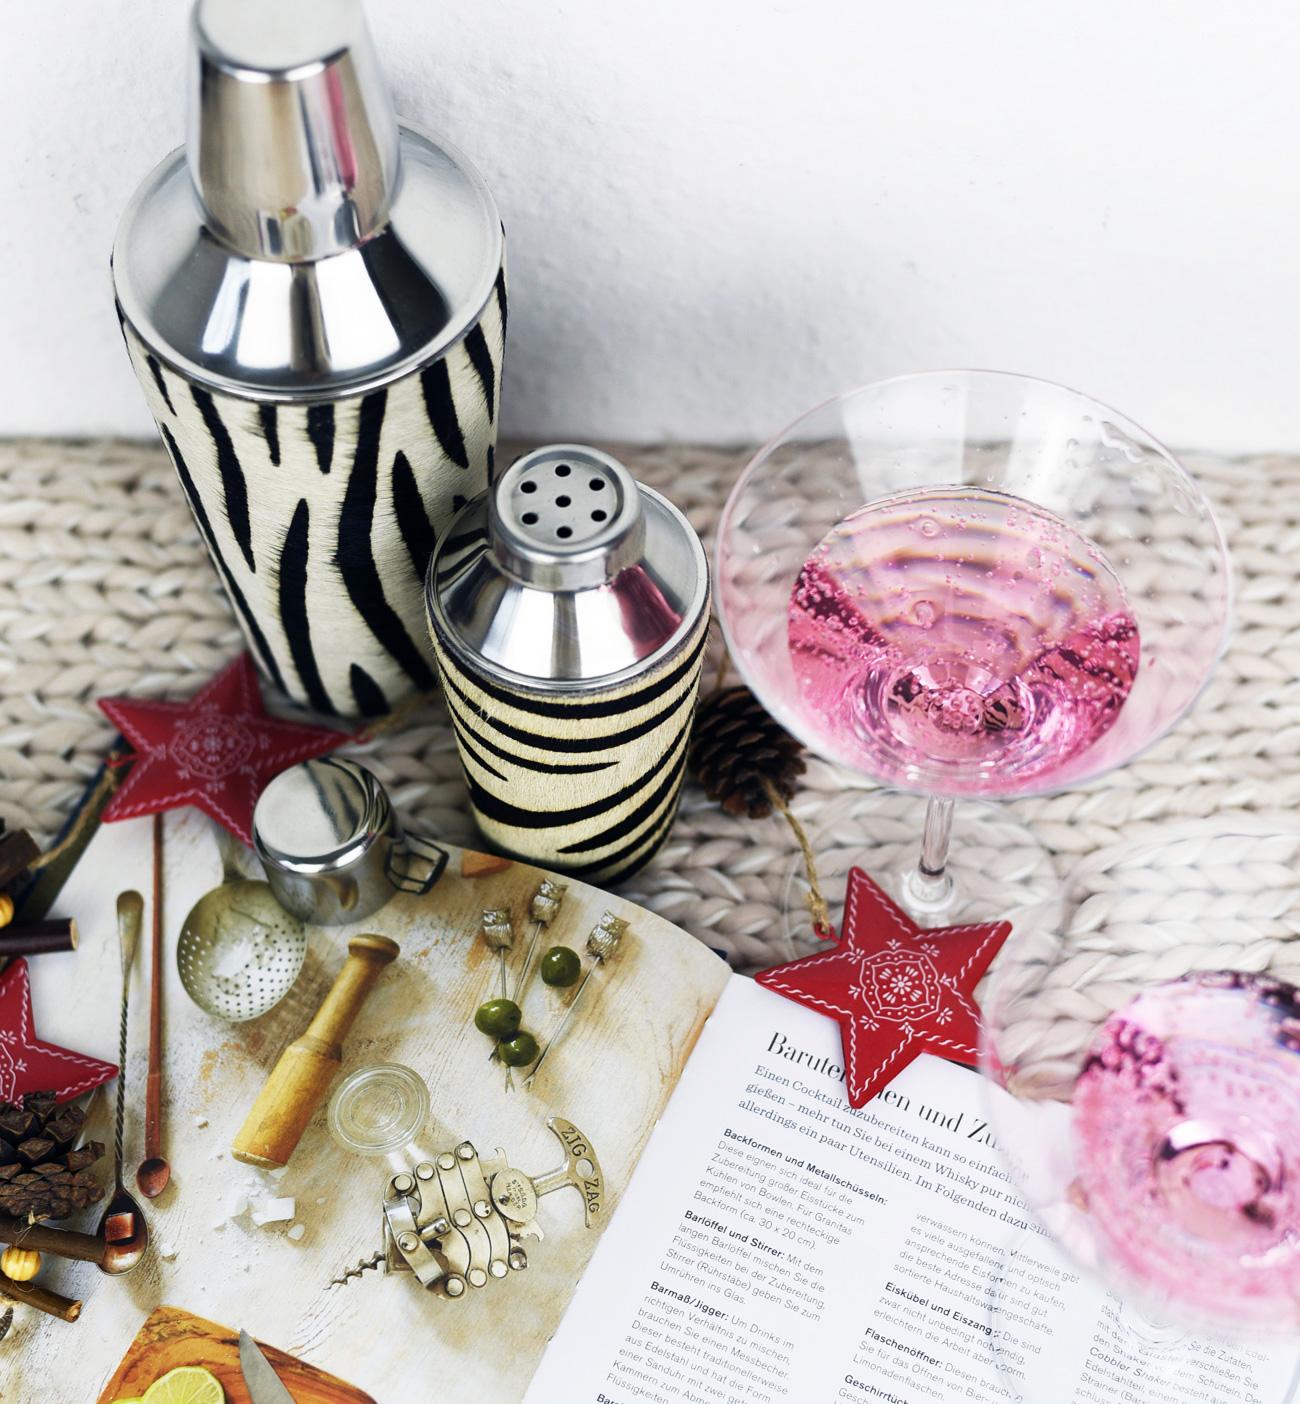 Sch ne au ergew hnliche geschenke f r m nner vedemii for Weihnachtsgeschenk fa r freund selbstgemacht